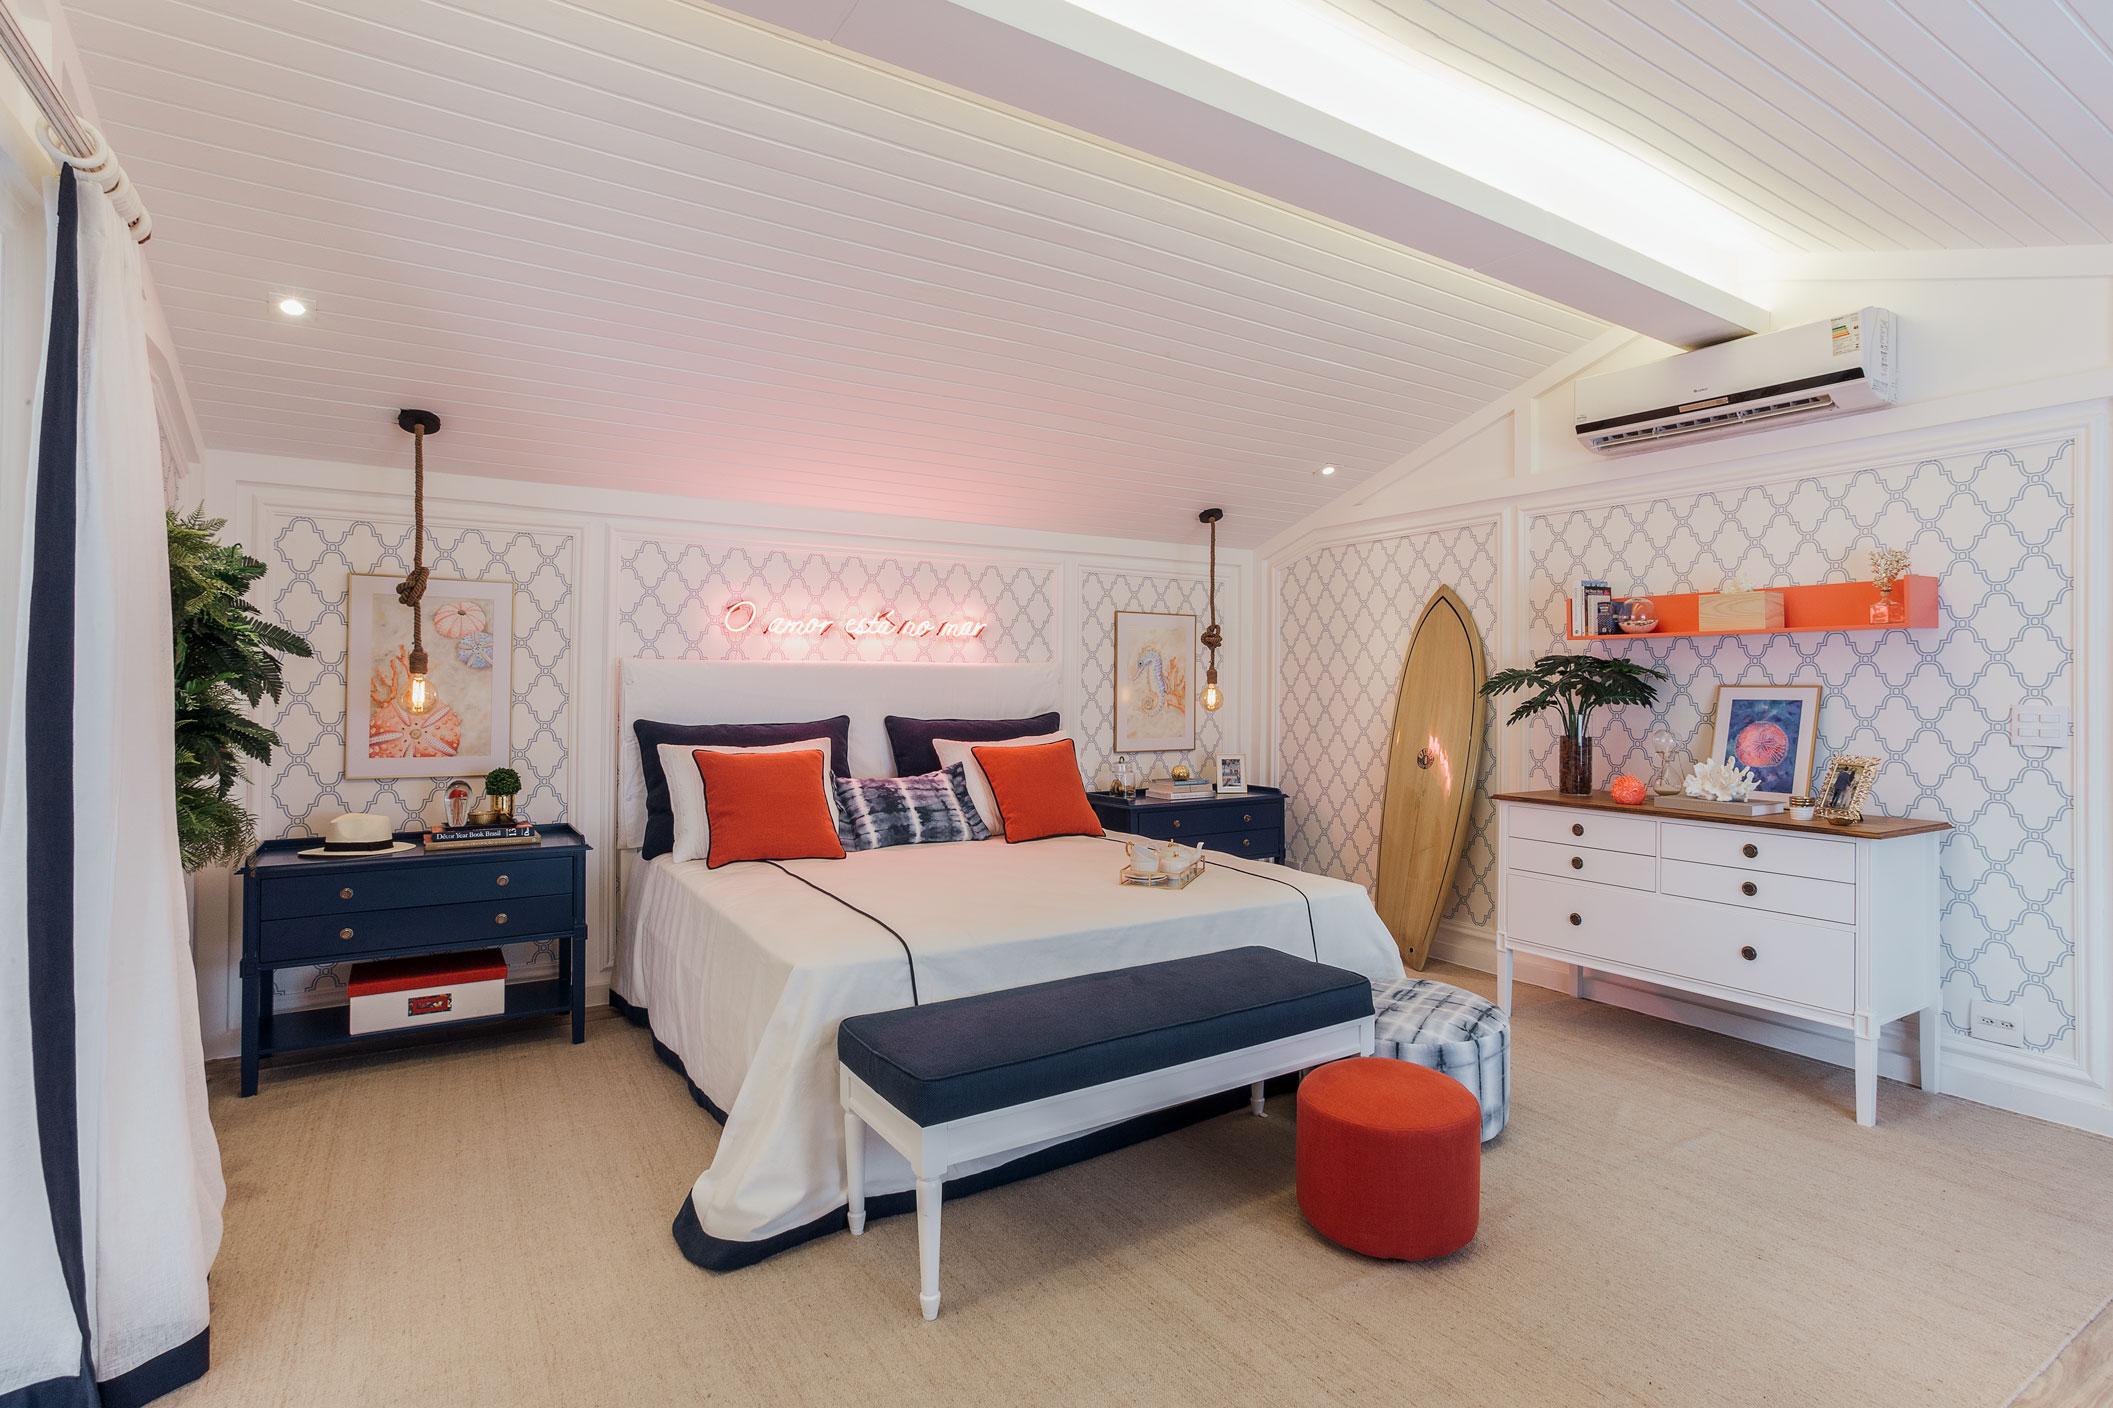 Um quarto de praia jovem e moderno, que foge do convencional e ao mesmo tempo traz aconchego e paz com a mescla das cores branco e tons de azul, nos móveis e na decoração.